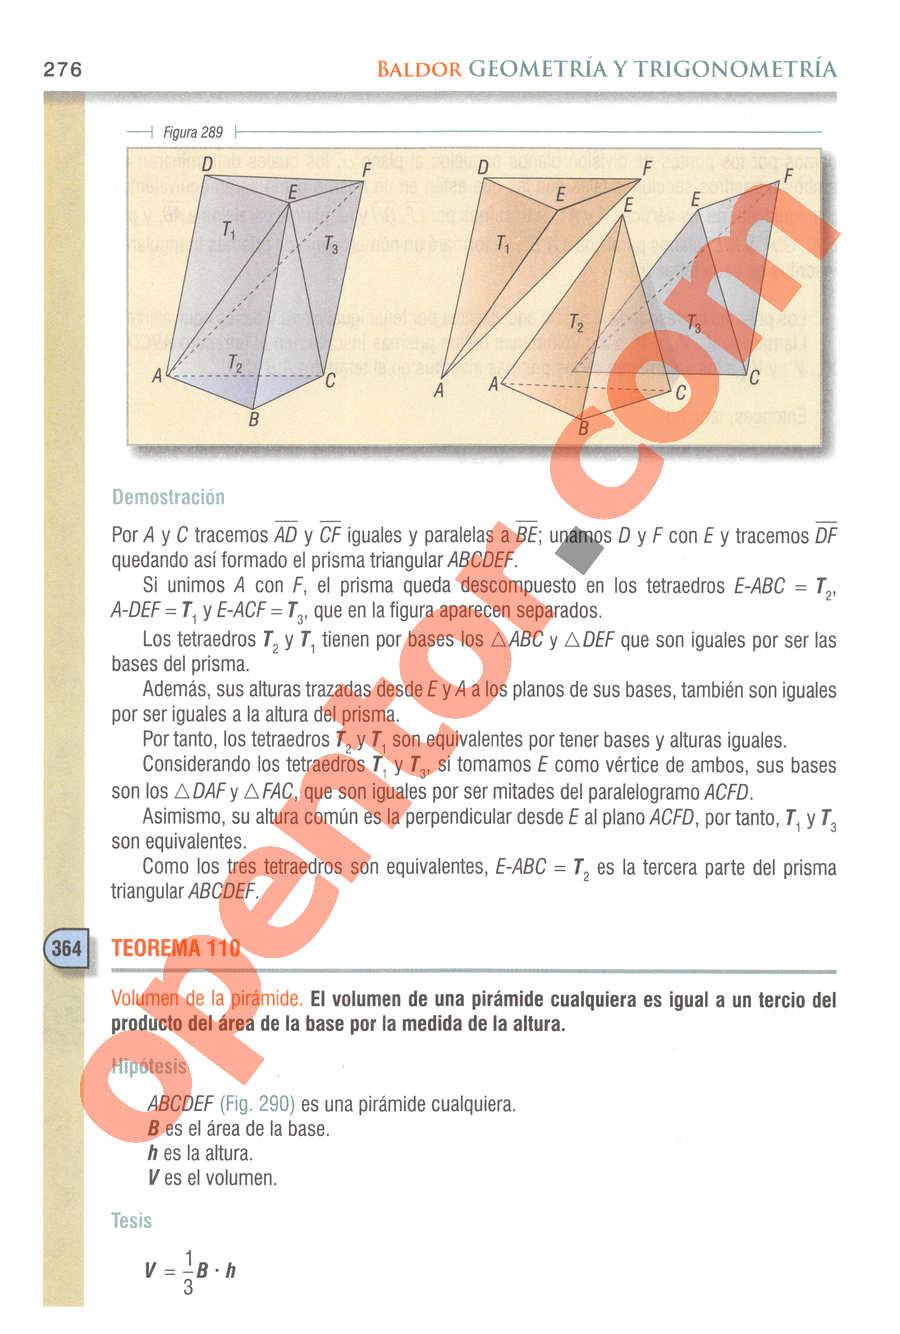 Geometría y Trigonometría de Baldor - Página 276